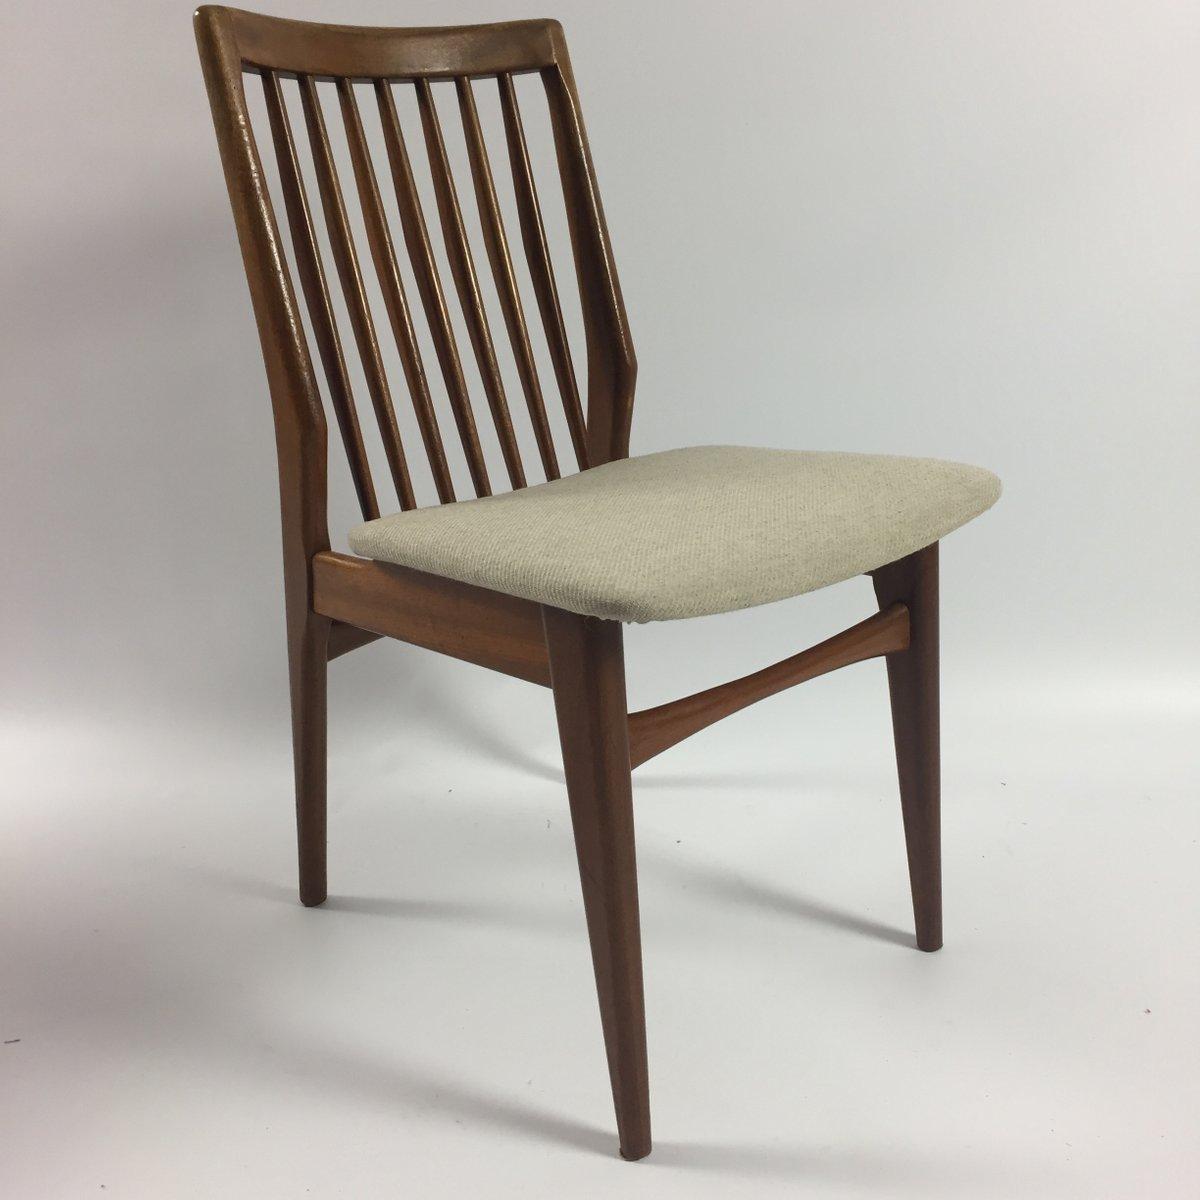 niederl ndische walnuss esszimmerst hle 1960er 4er set bei pamono kaufen. Black Bedroom Furniture Sets. Home Design Ideas